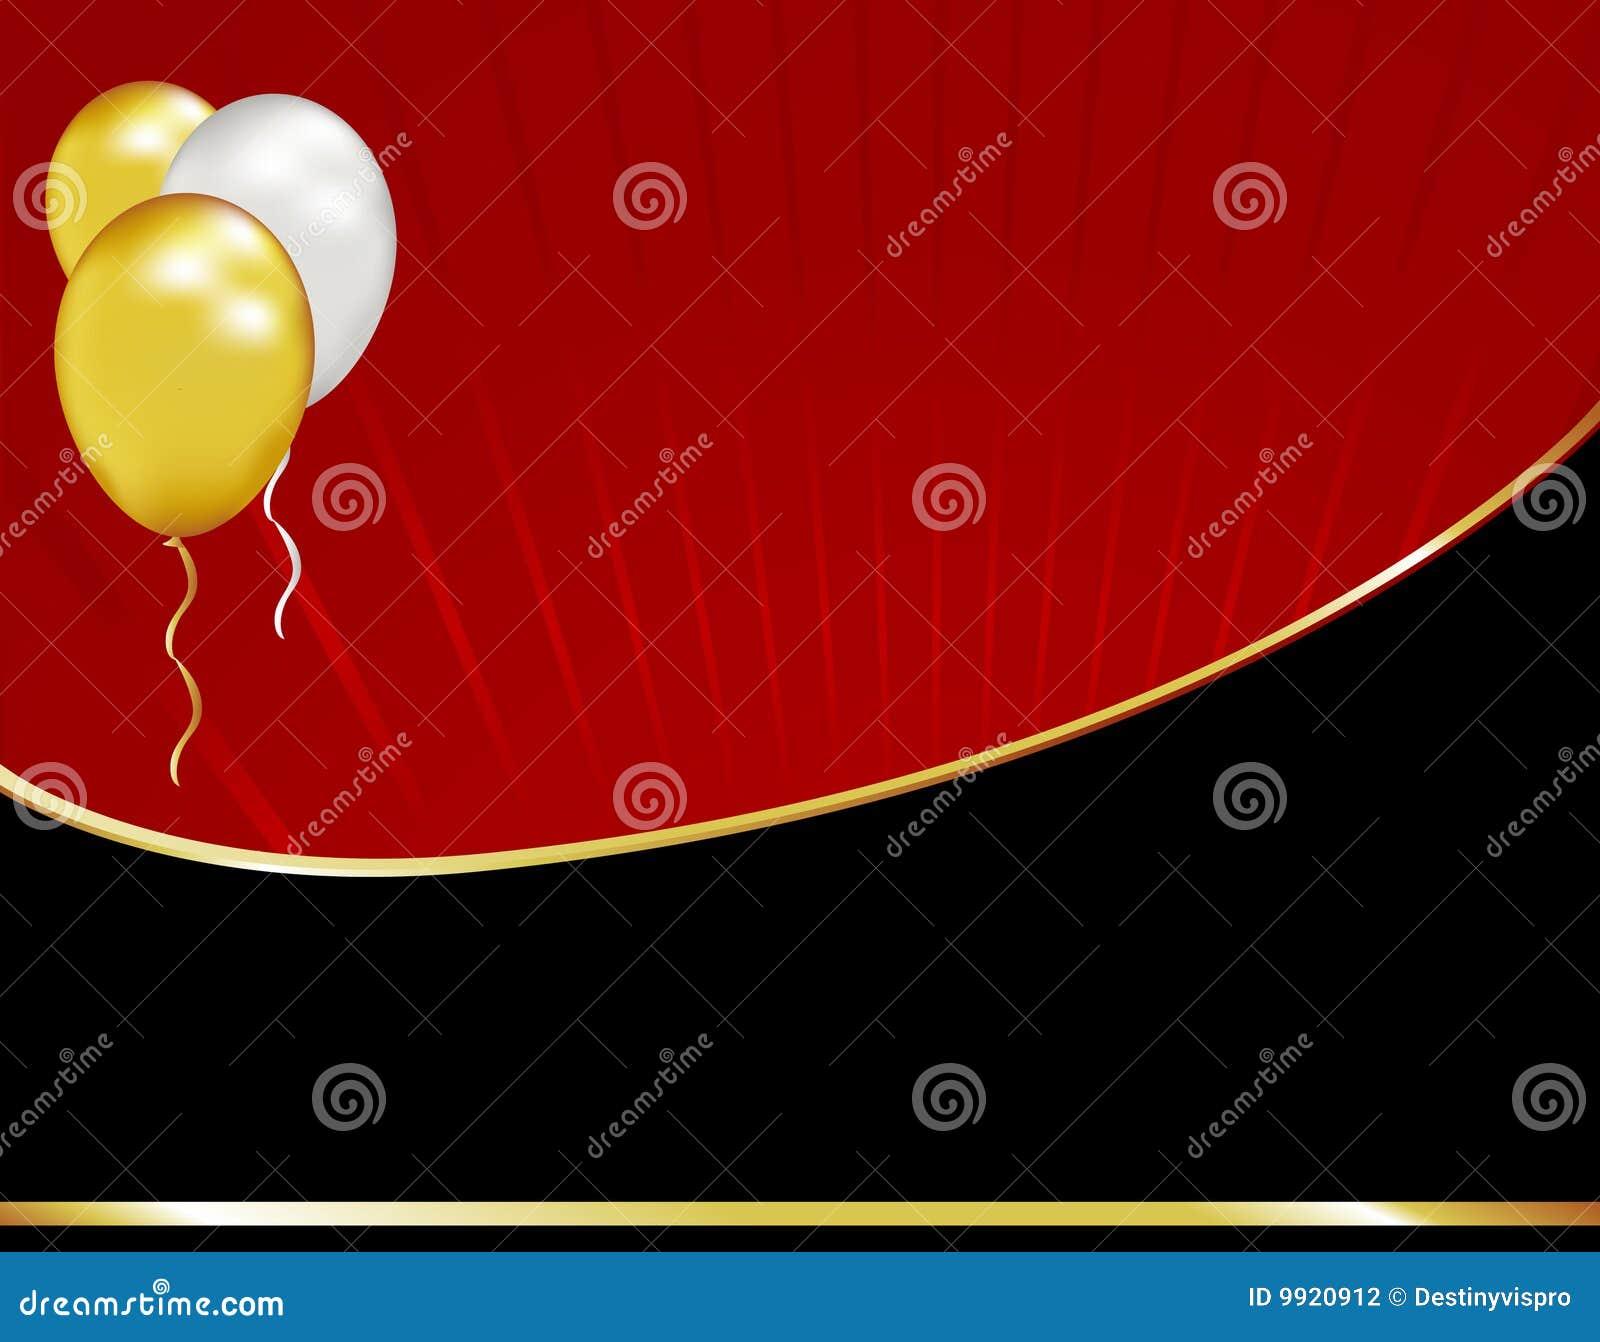 25 Anniversary Invitation is nice invitations template